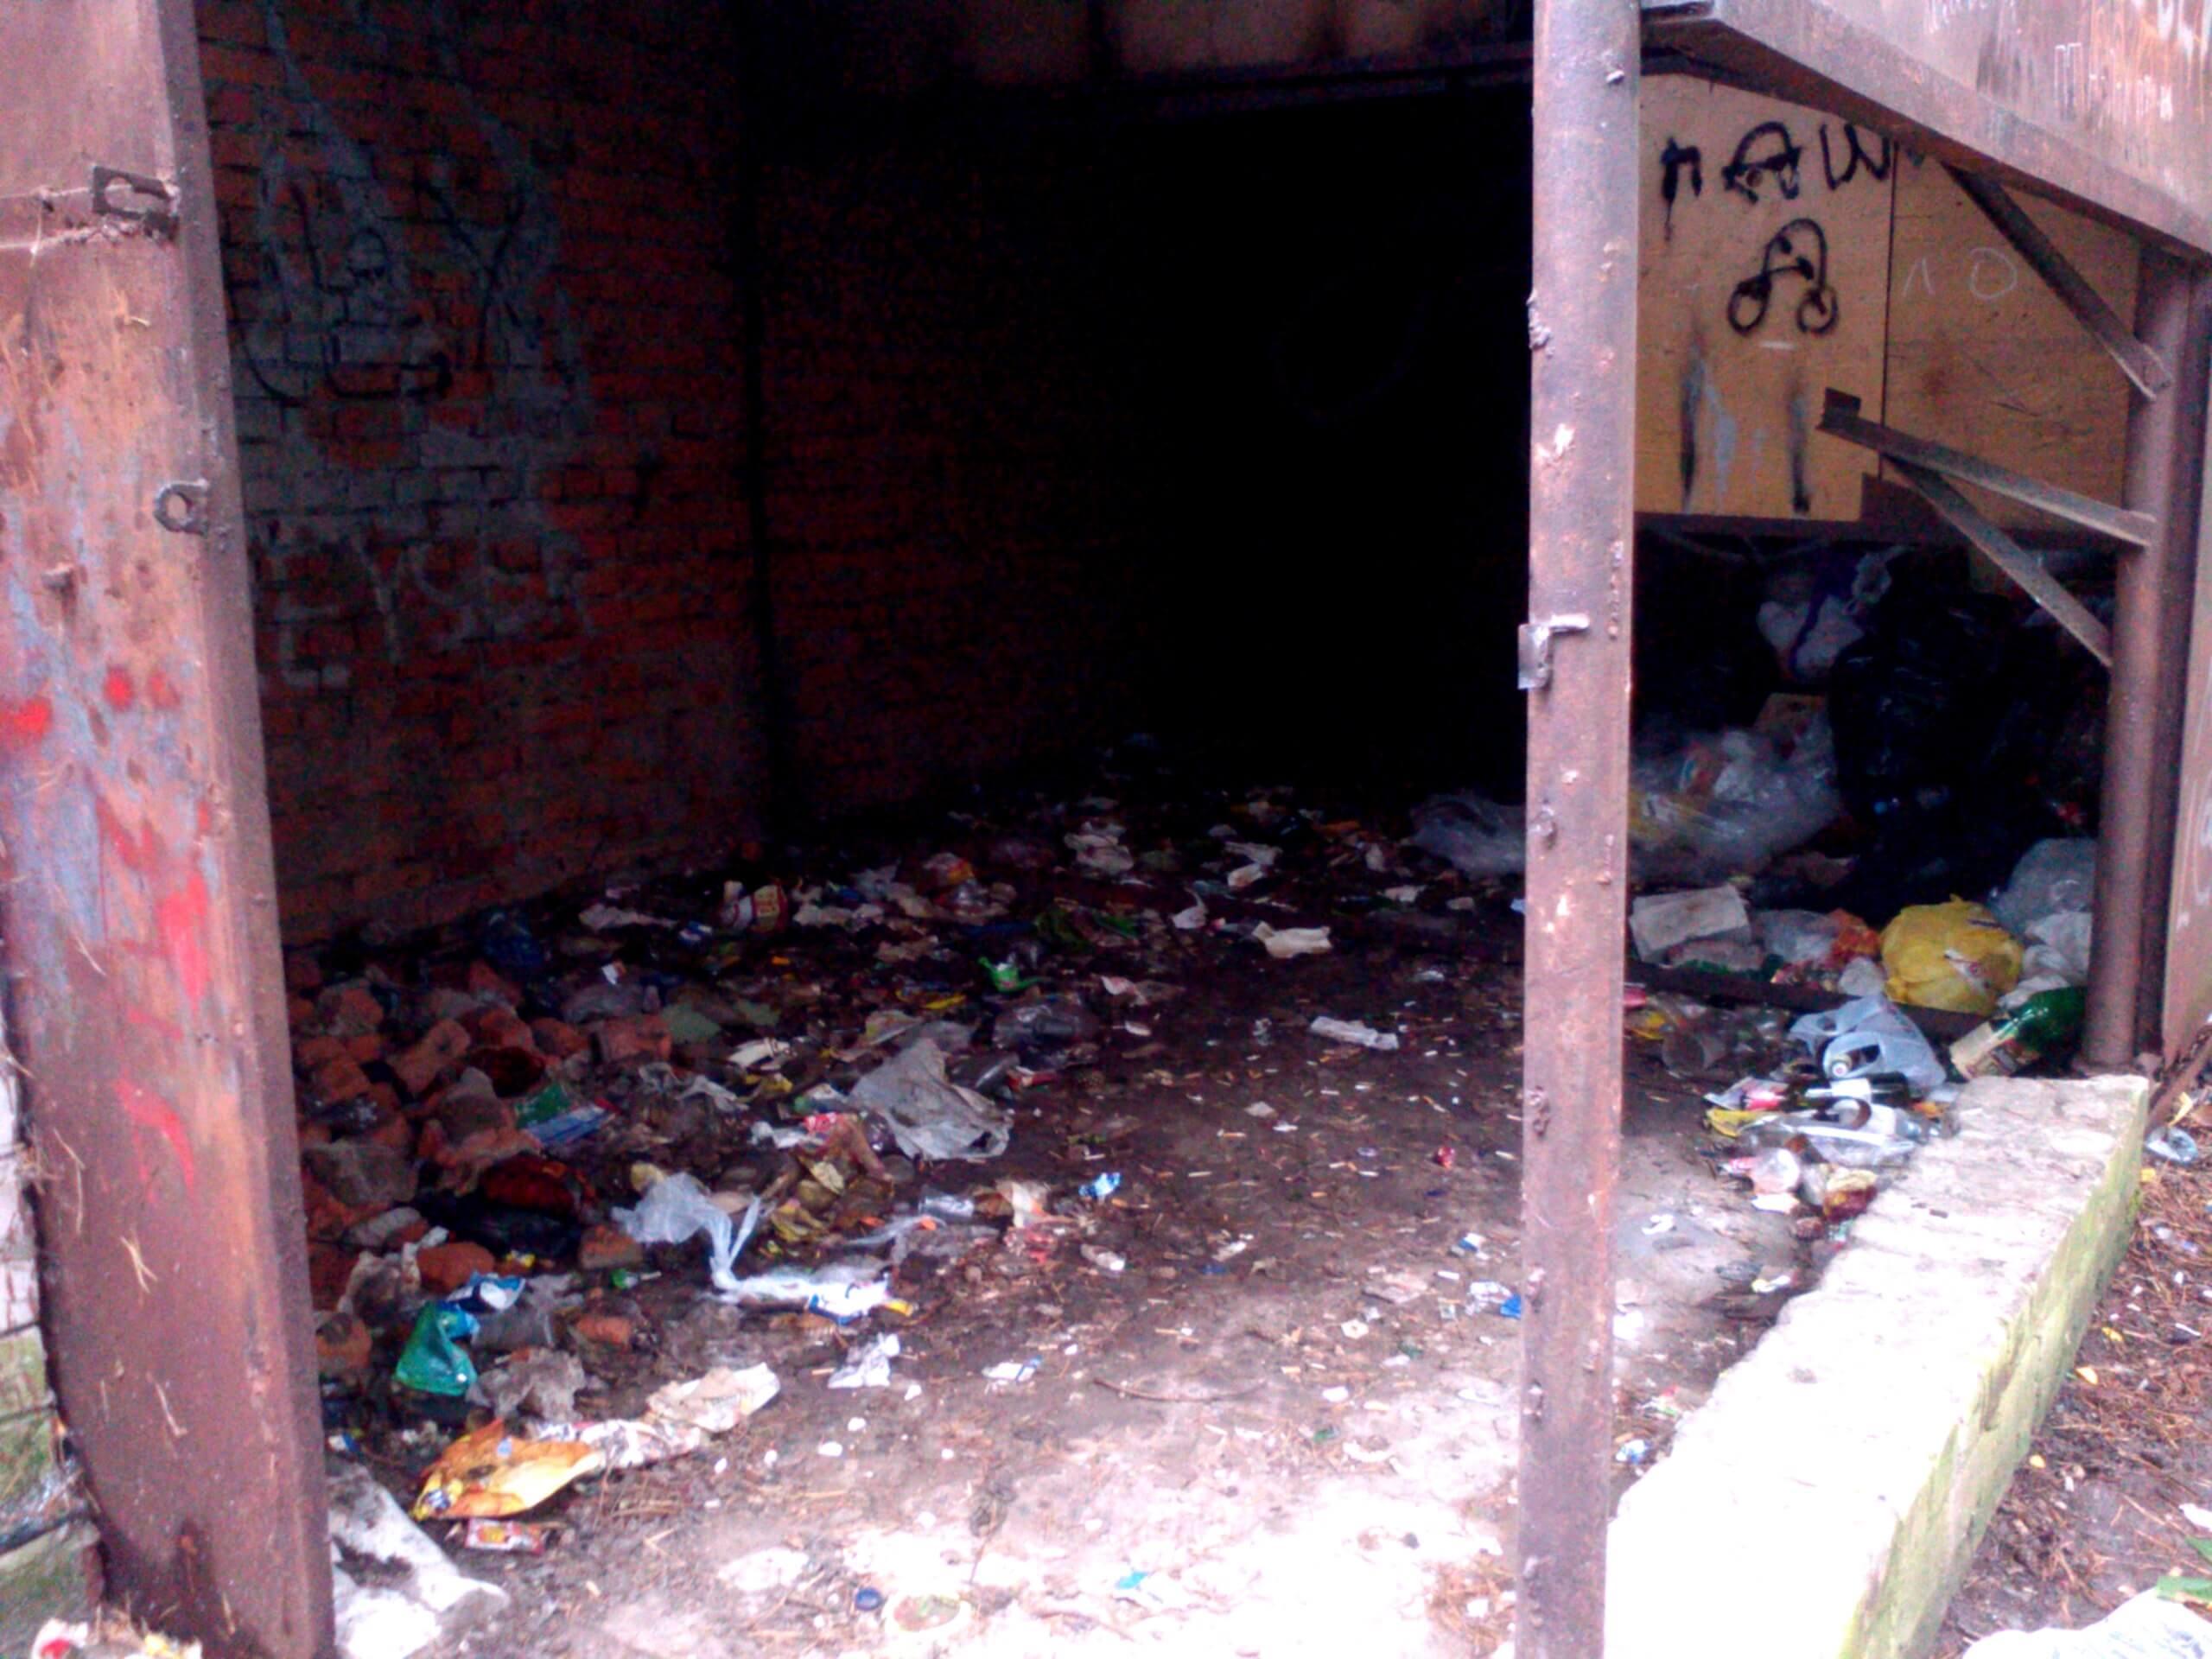 Однак у парку ще залишилося сміття, яке активістам прибрати не вдалося.